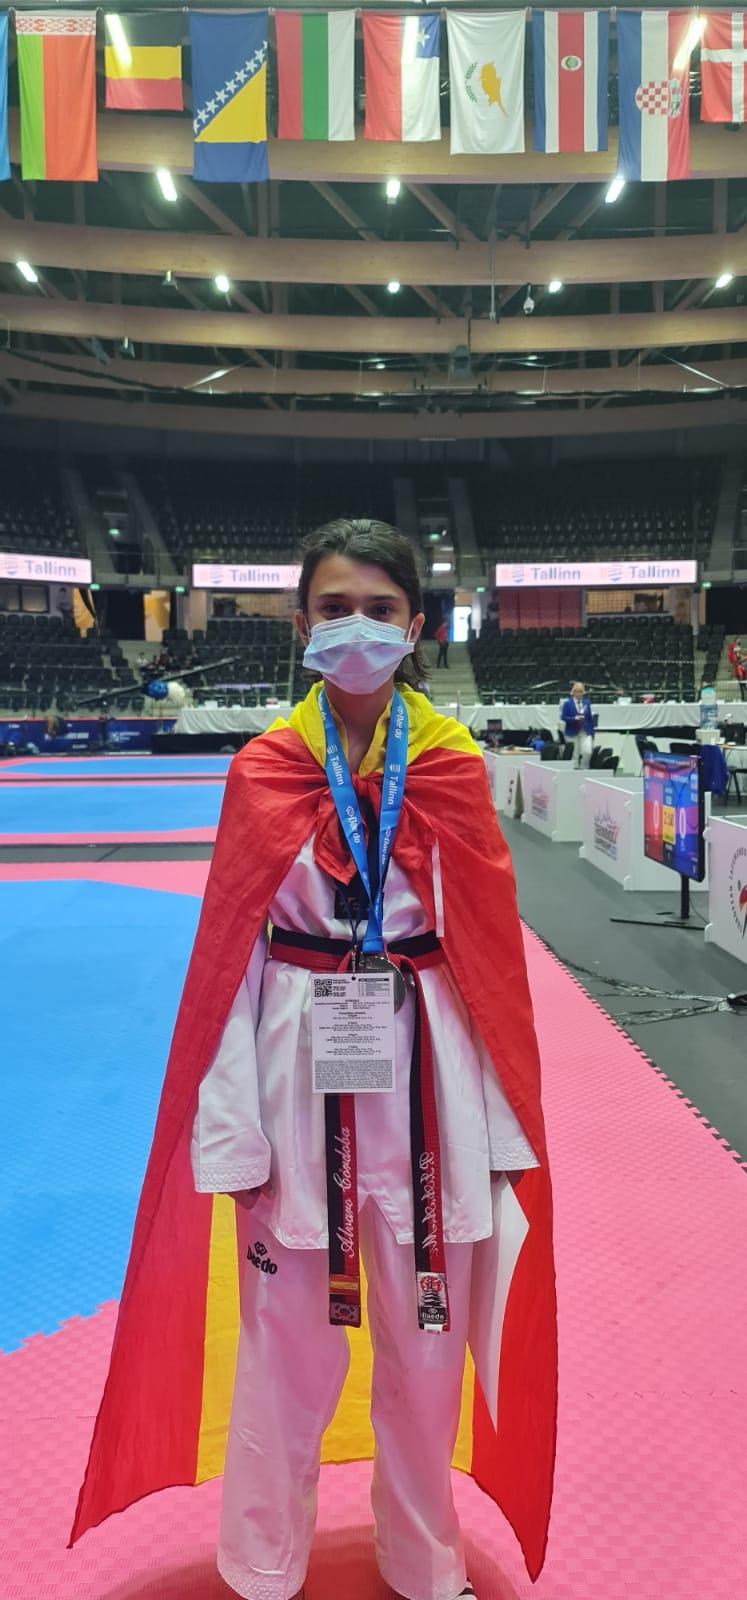 Nadia Bouzas proclámase subcampioa de Europa cadete de taekwondo / FEDERACIÓN GALEGA DE TAEKWONDO